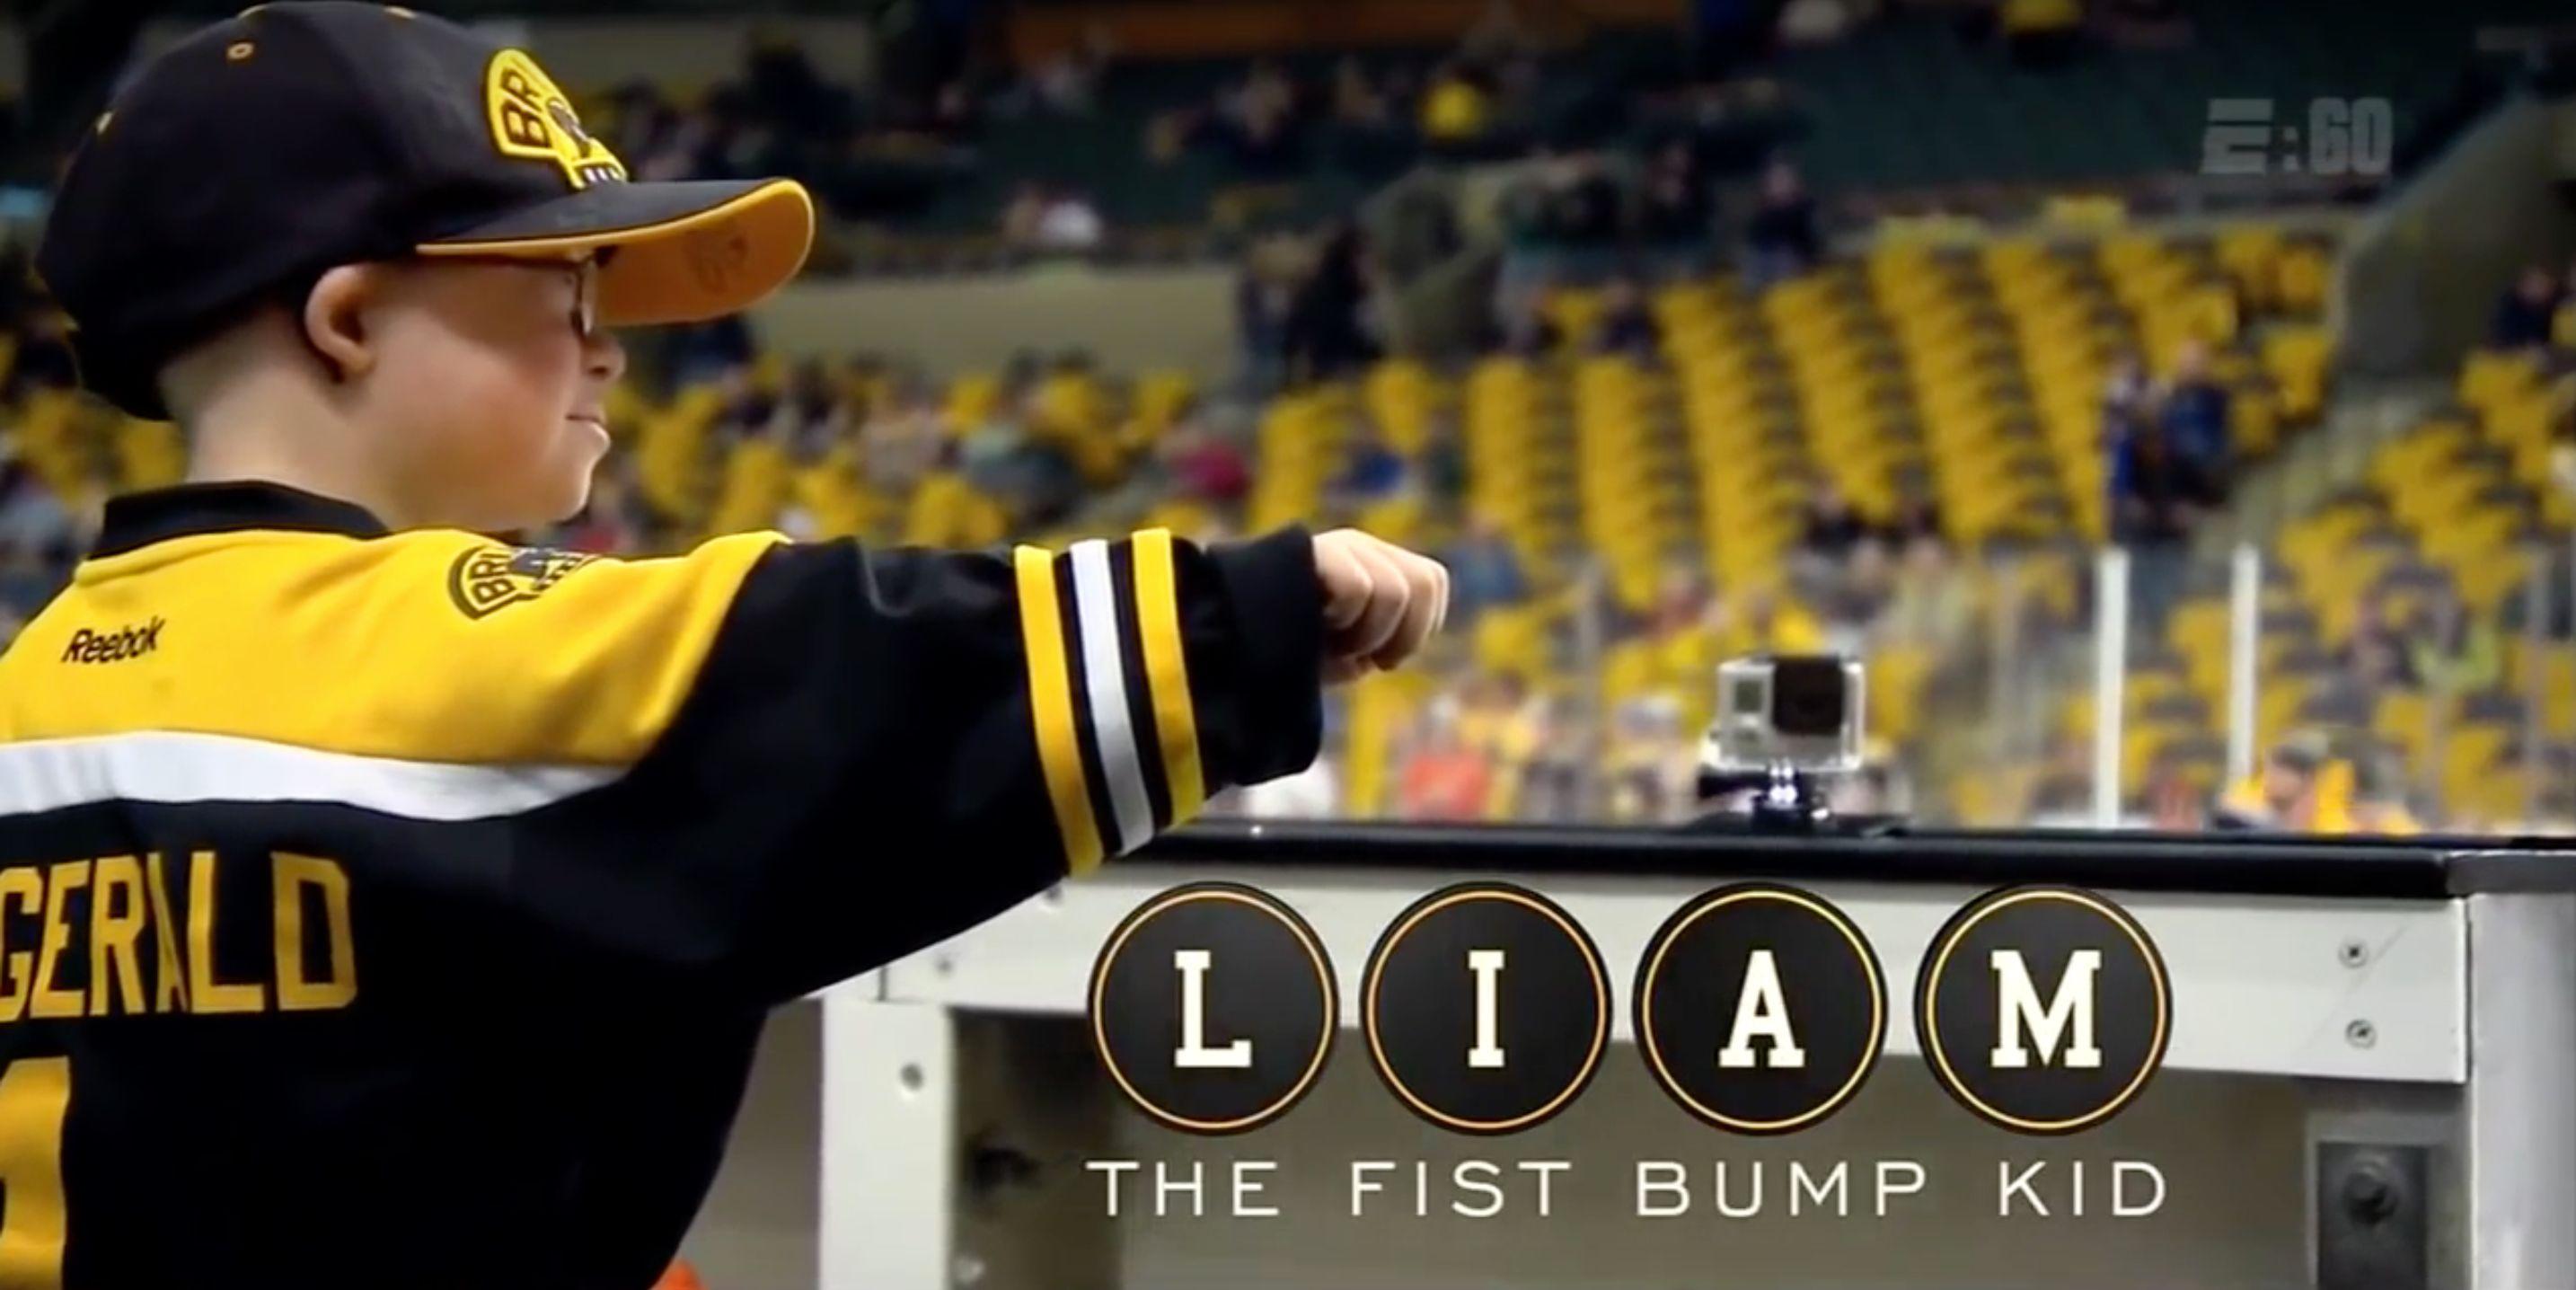 The Fist Bump Kid